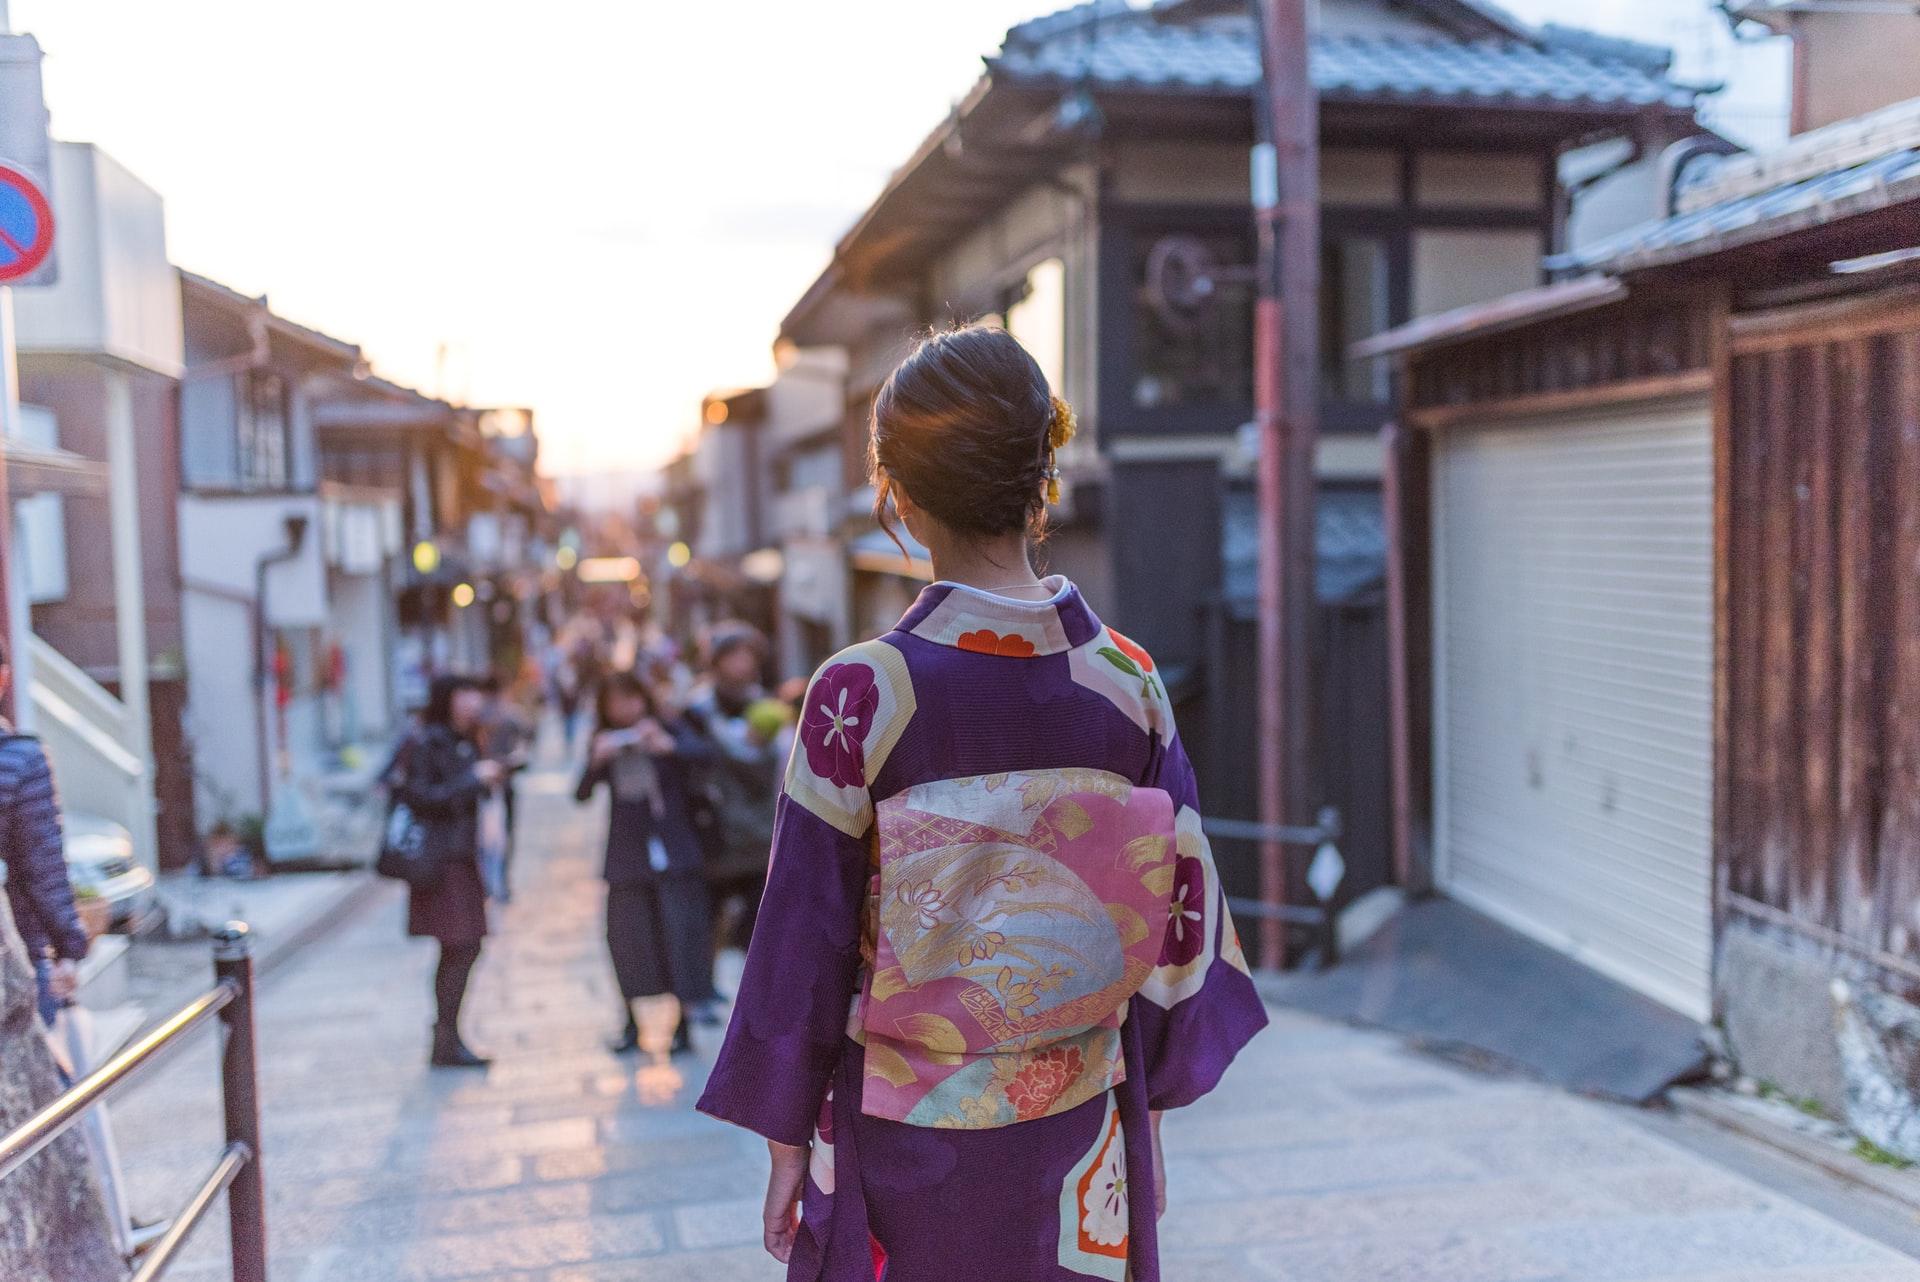 Японец заводил отношения с девушками ради подарков на день рождения. Его обвиняют в мошенничестве